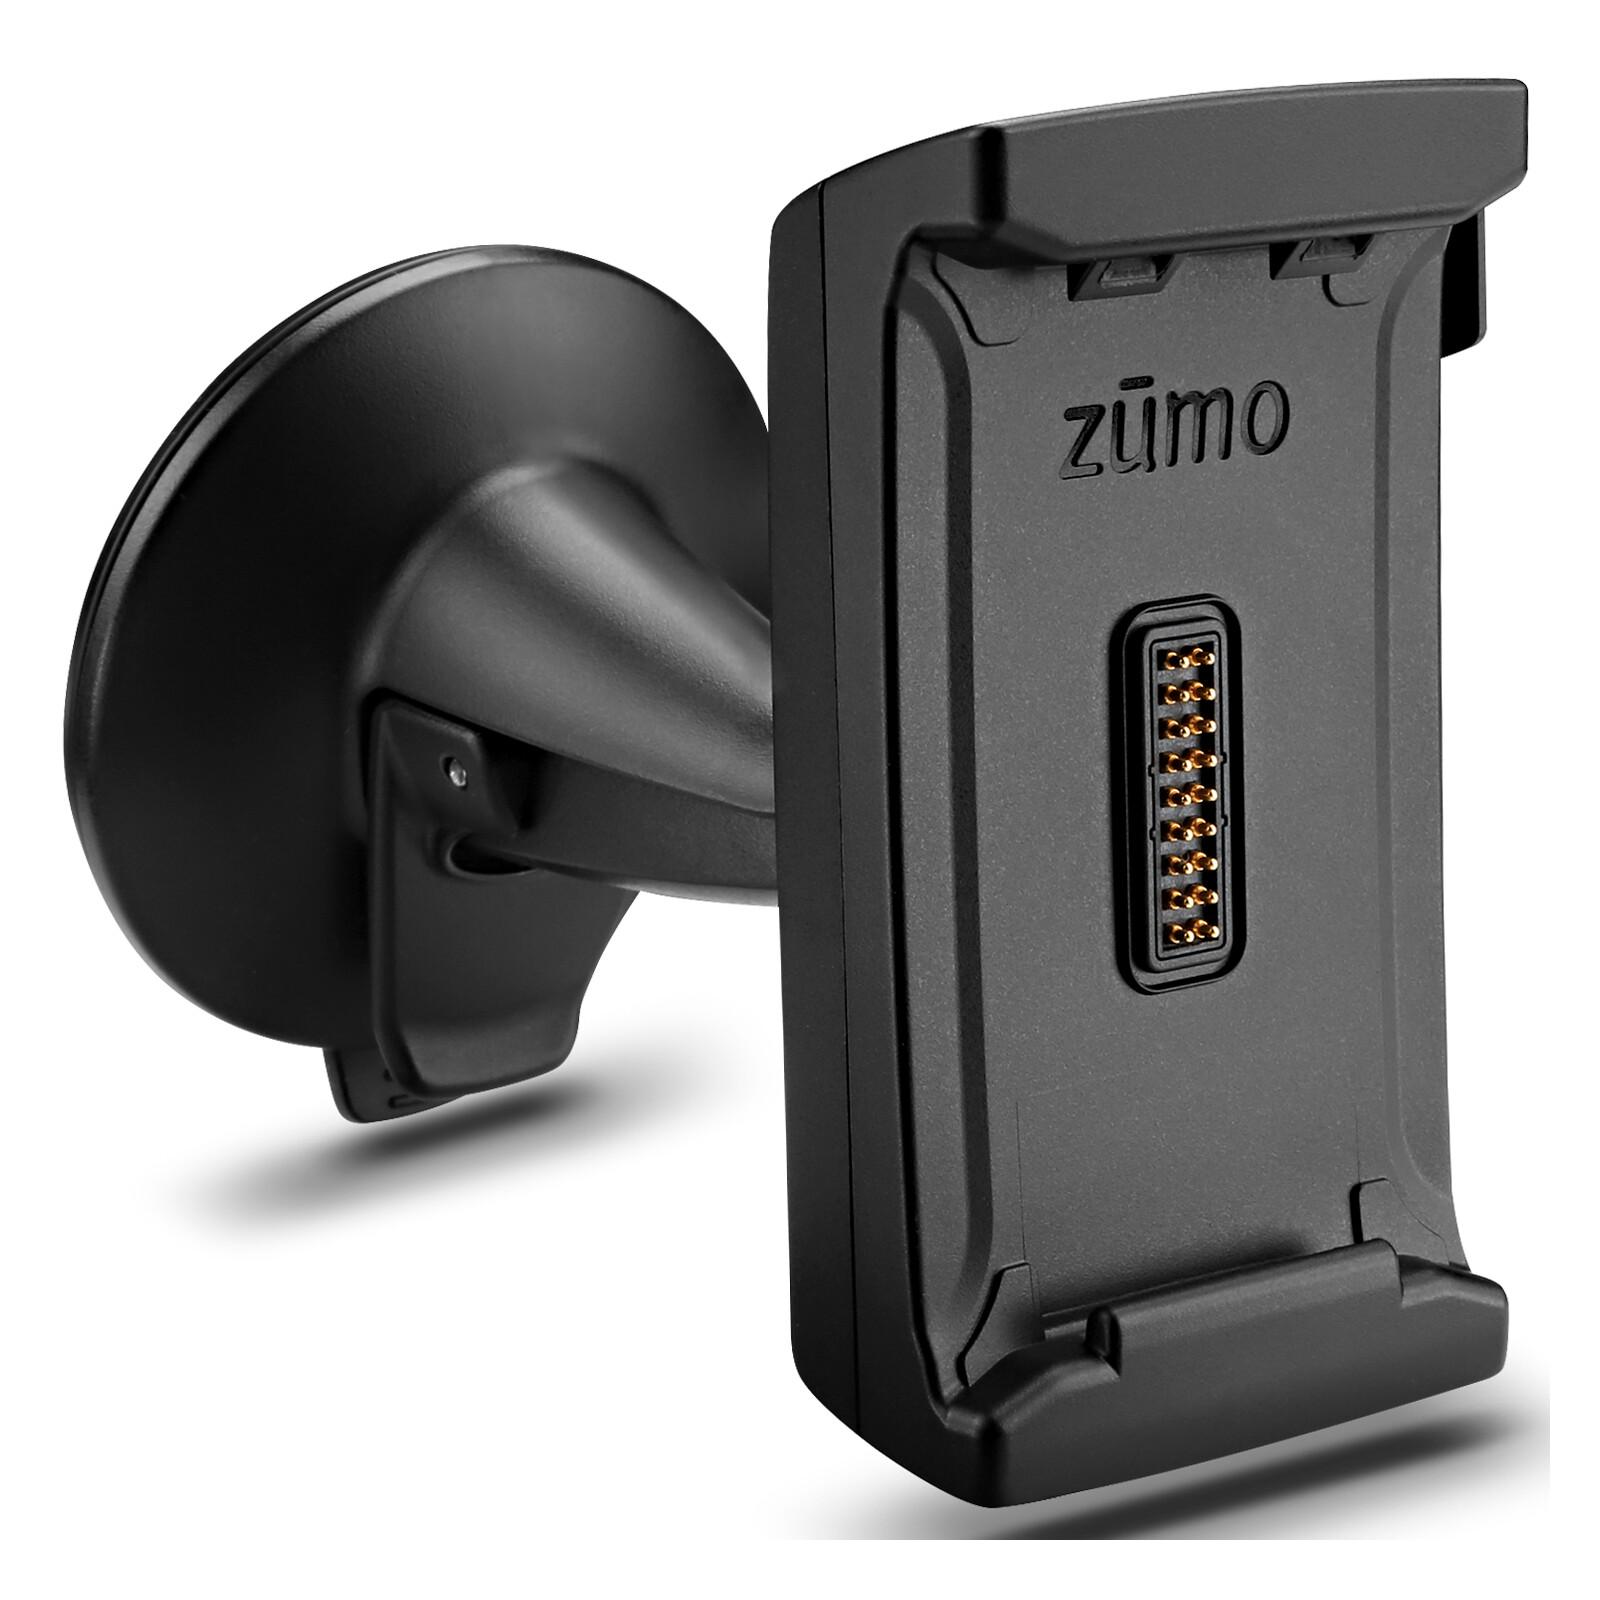 Garmin Zumo 590 Saugfußhalterung